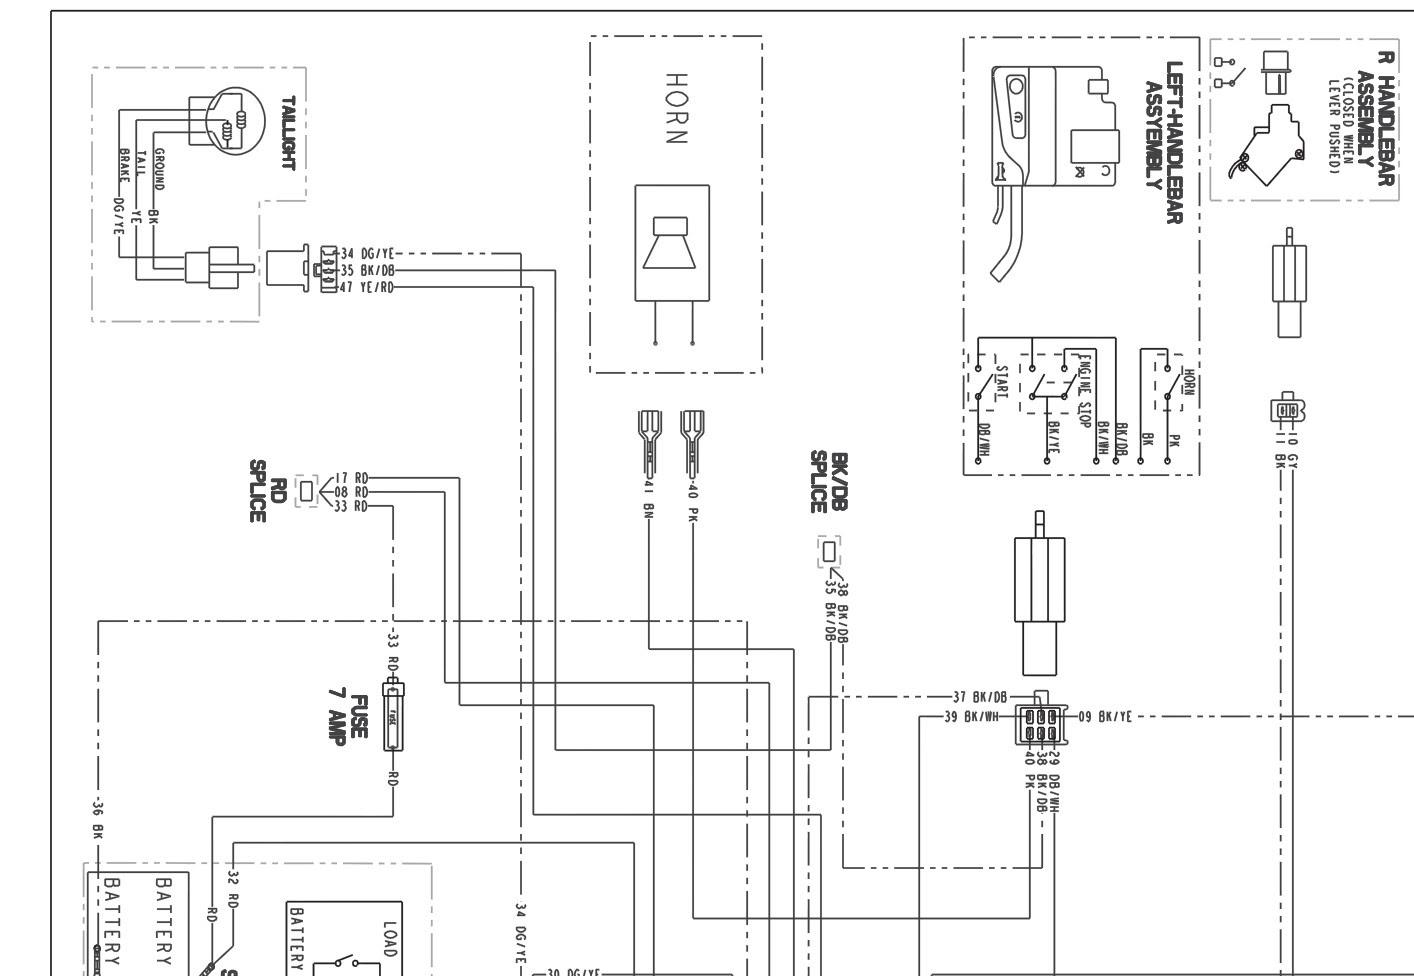 Diagram Bmw 2002 Wiring Diagram Pdf Full Version Hd Quality Diagram Pdf Diagramladdy Brunisport It